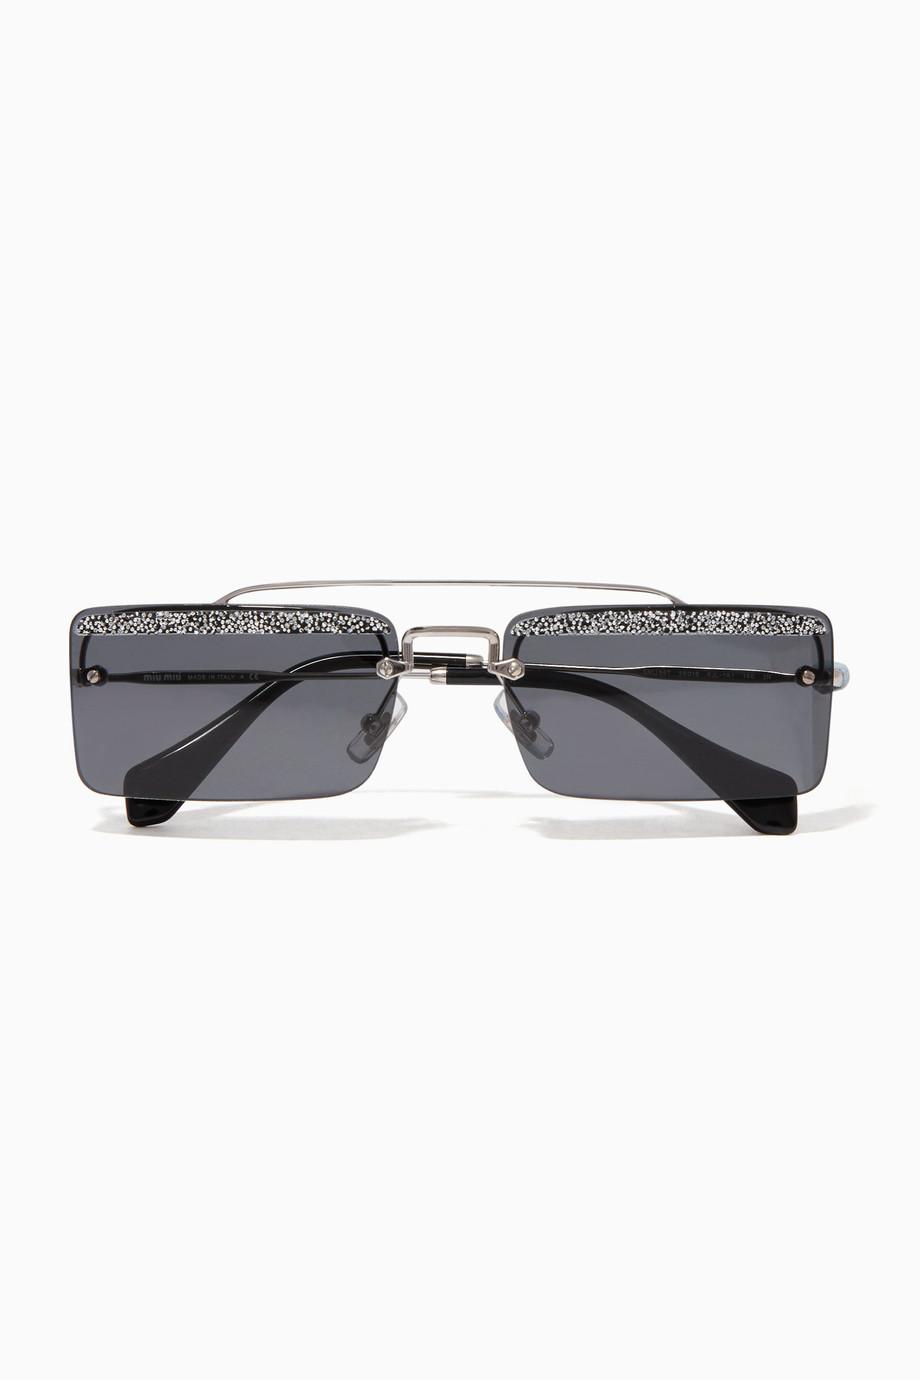 Embellished Miu Black Crystal Sunglasses Société For Shop doBeCx